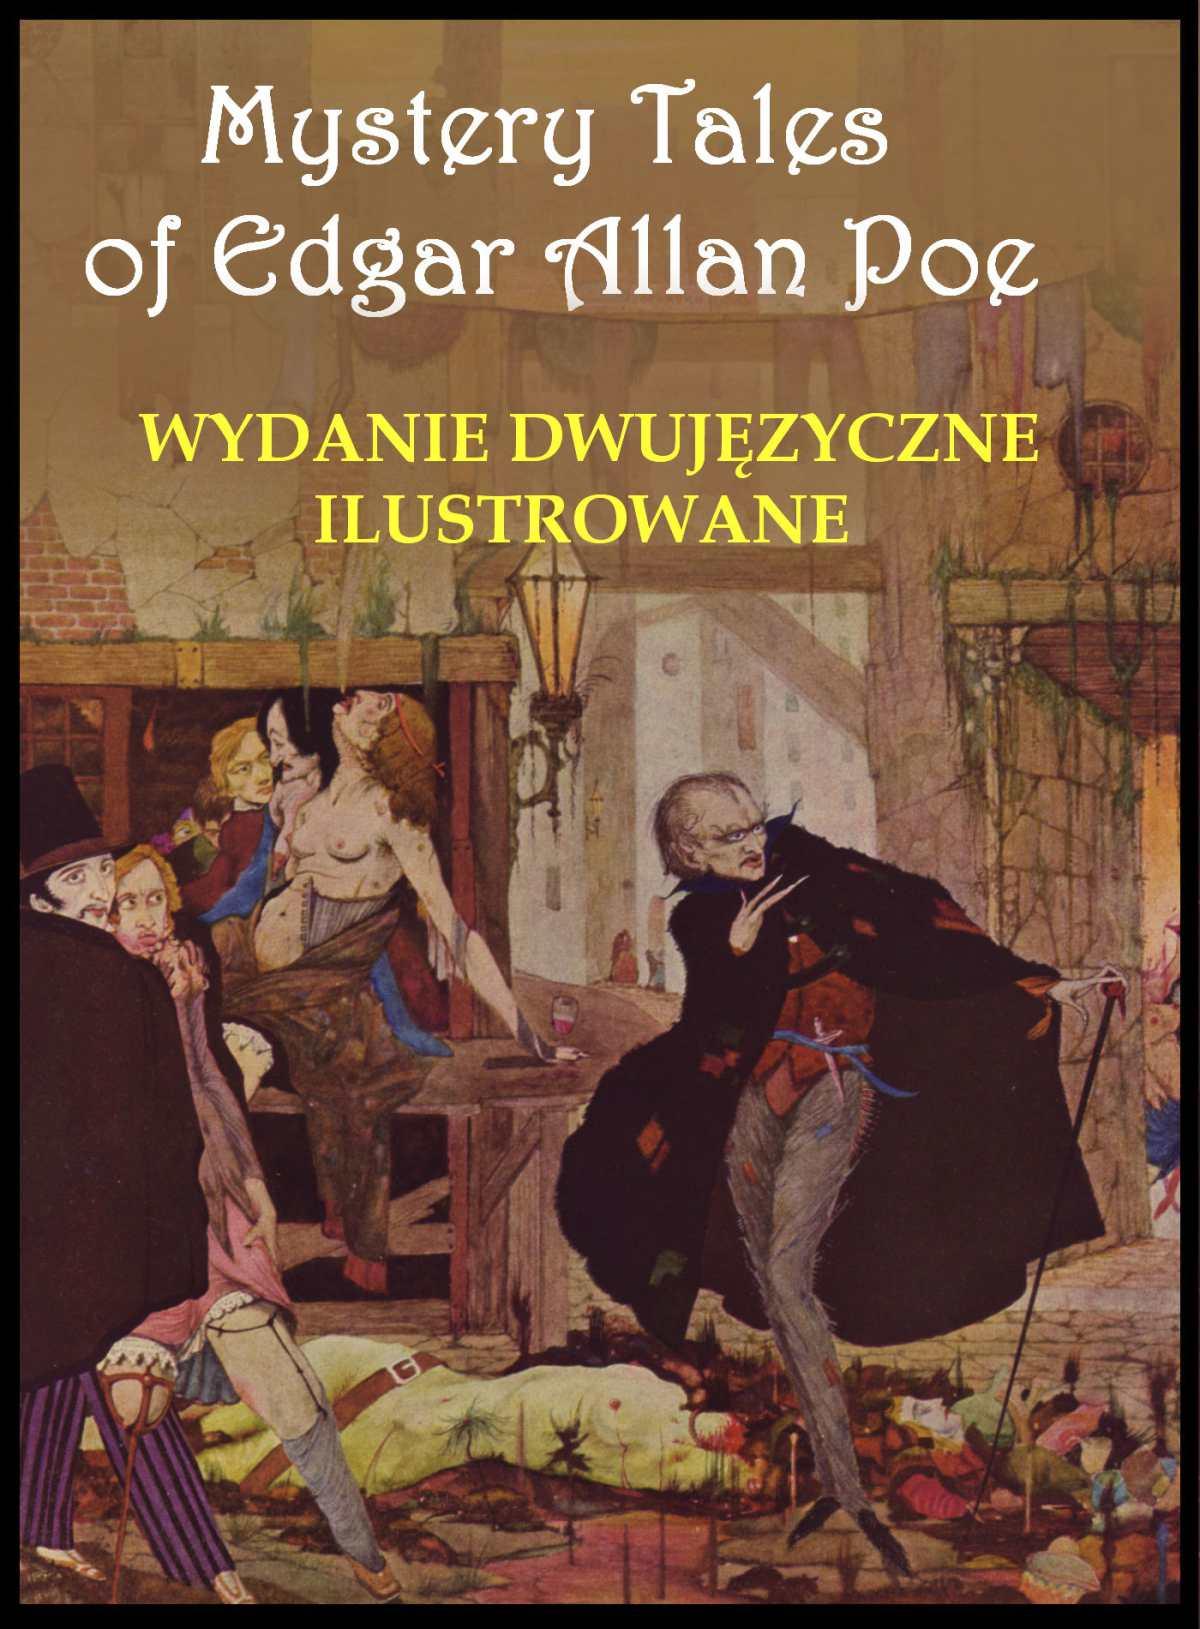 Mystery Tales of Edgar Allan Poe - Opowieści niesamowite. Wydanie dwujęzyczne ilustrowane - Ebook (Książka PDF) do pobrania w formacie PDF